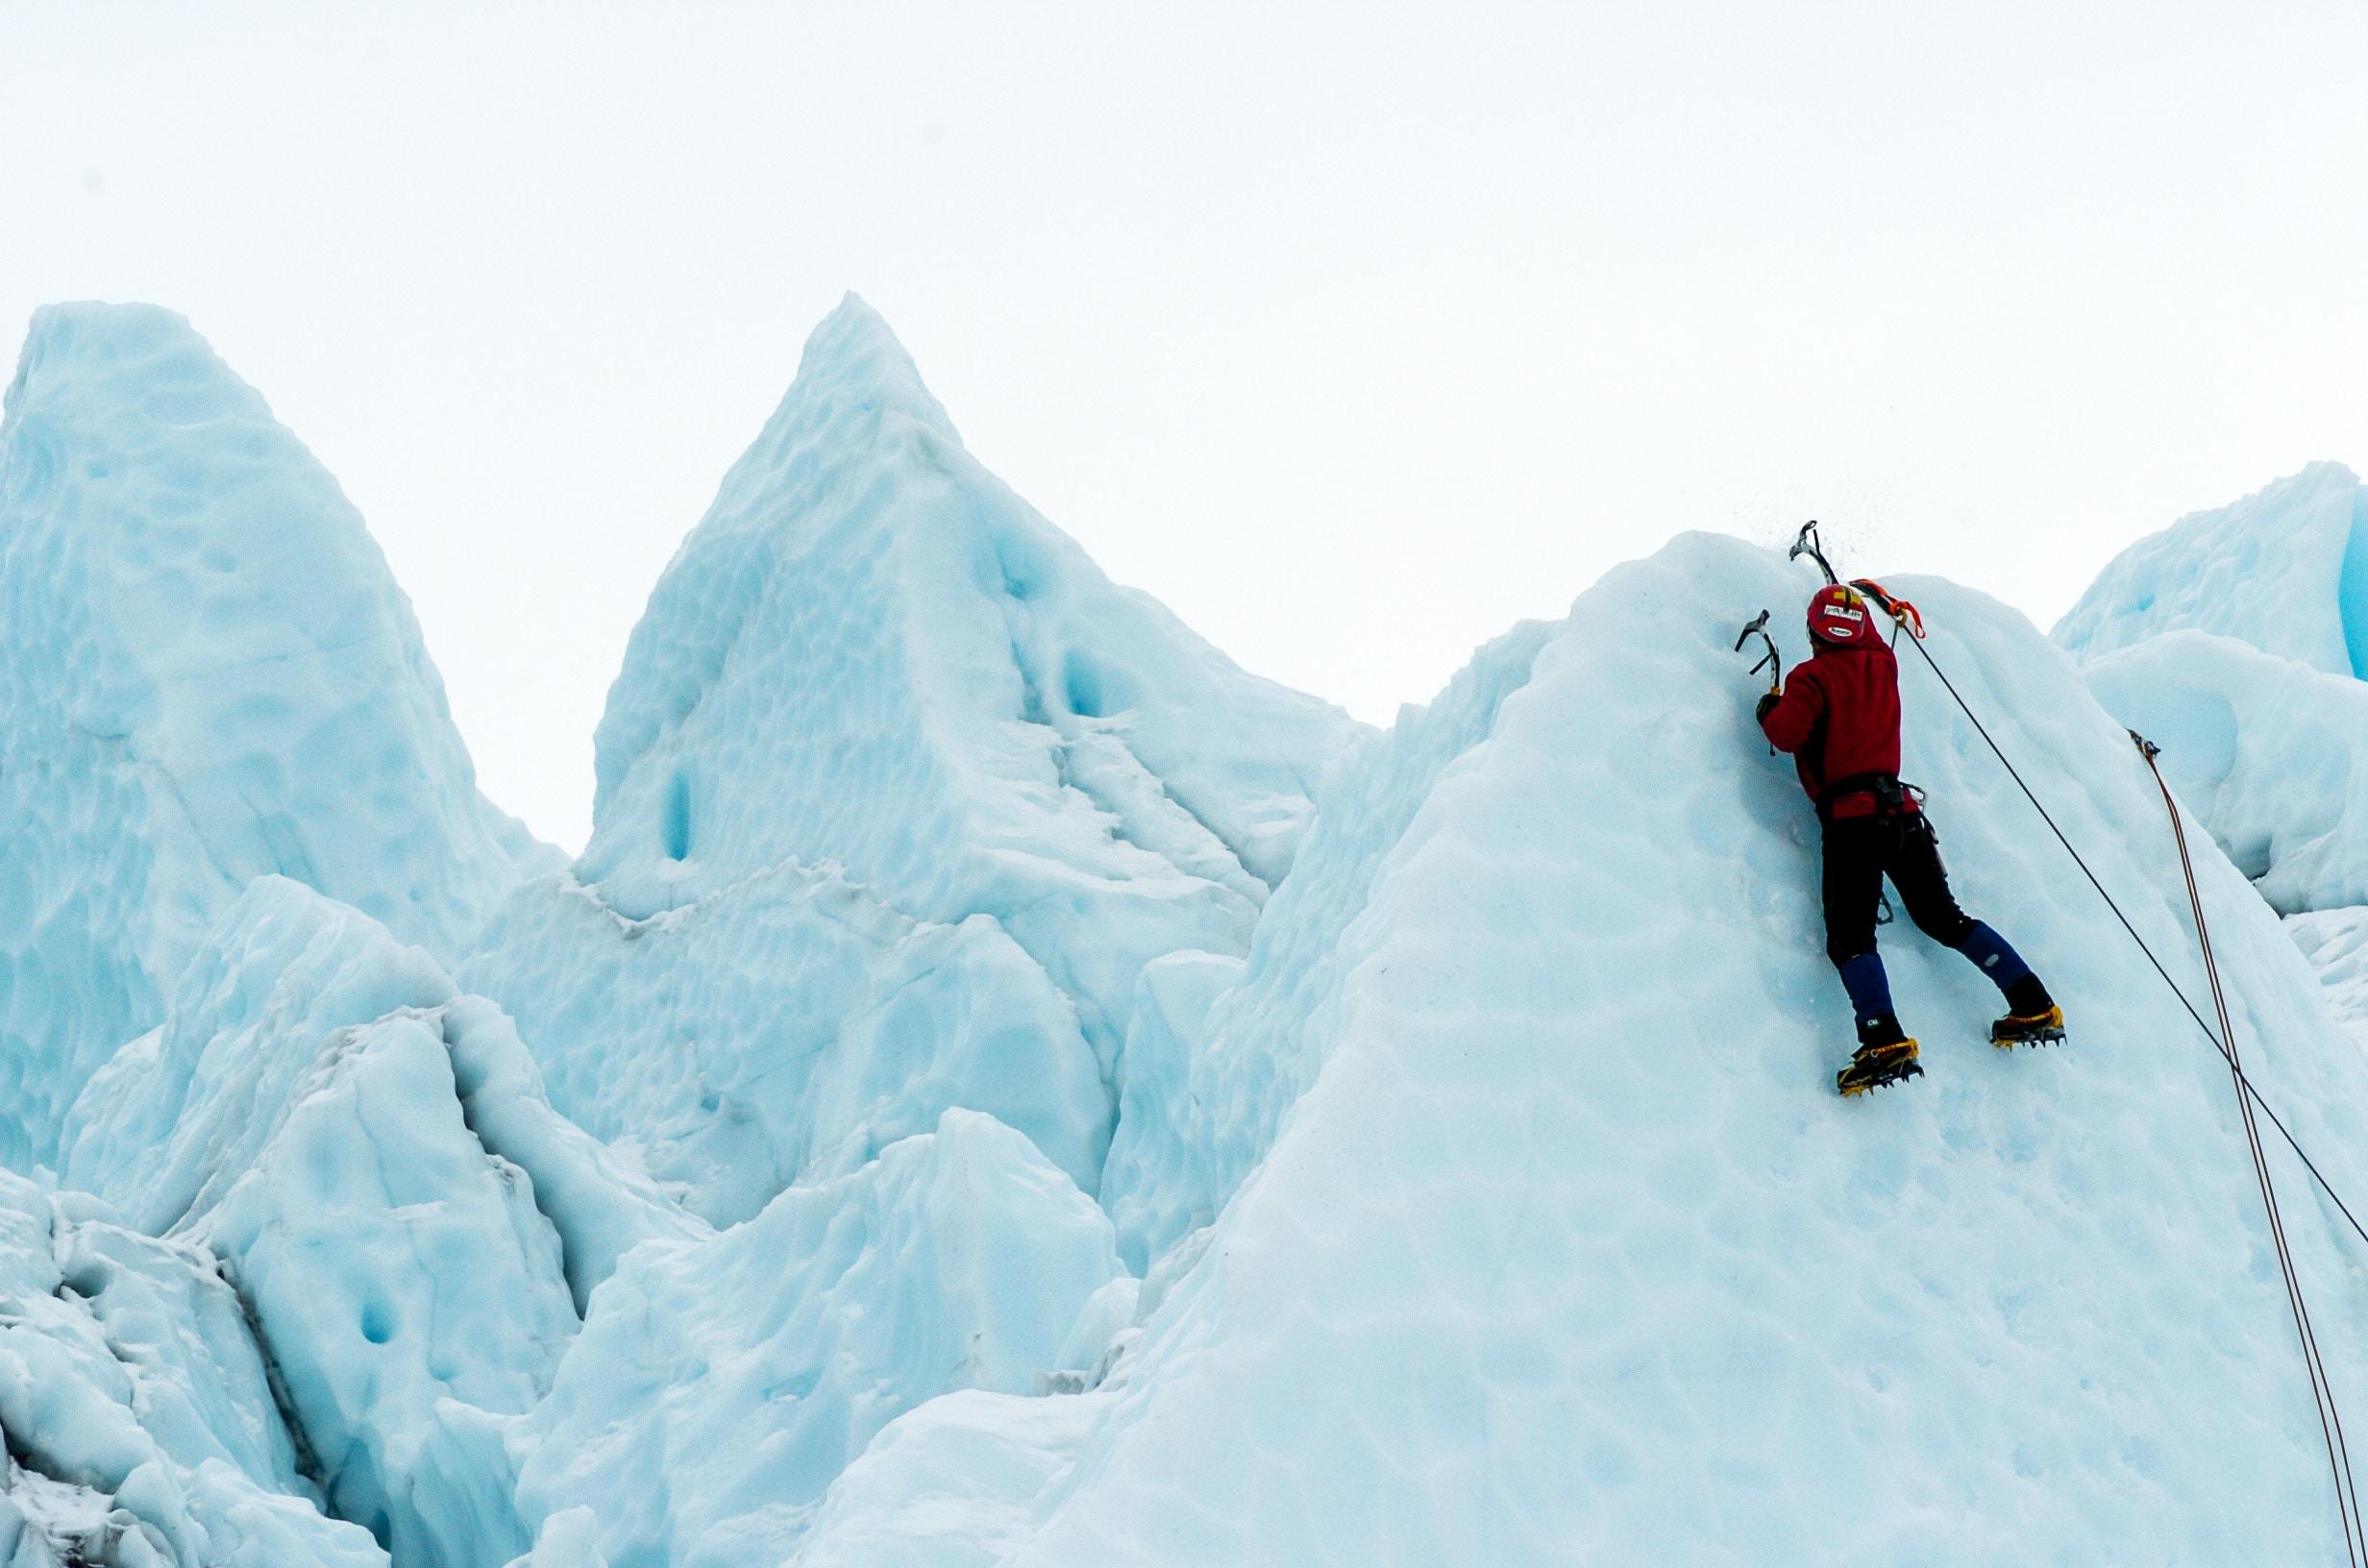 La insatisfacción llega muchas veces cuando uno no puede estar siempre en la cima.